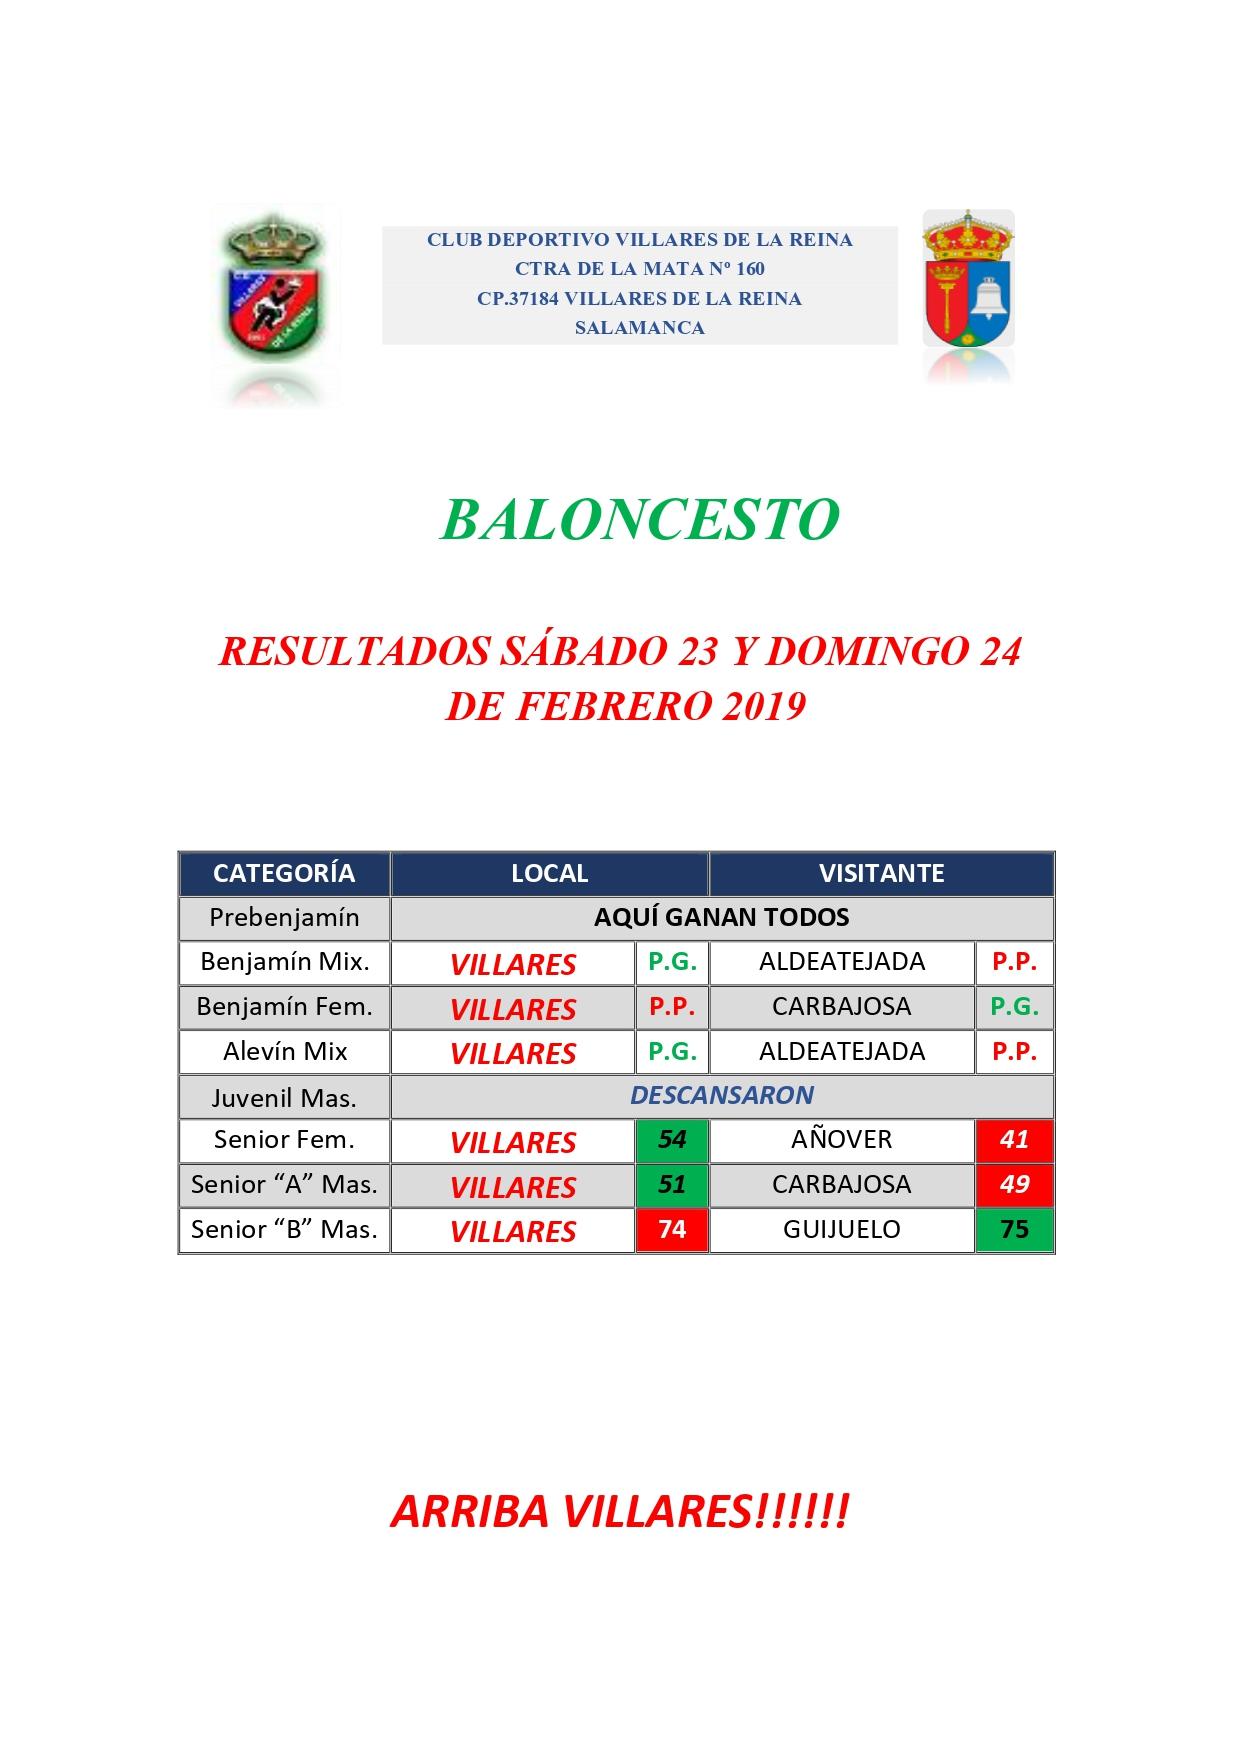 RESULTADOS BALONCESTO S�BADO 23 Y DOMINGO 24 DE FEBRERO